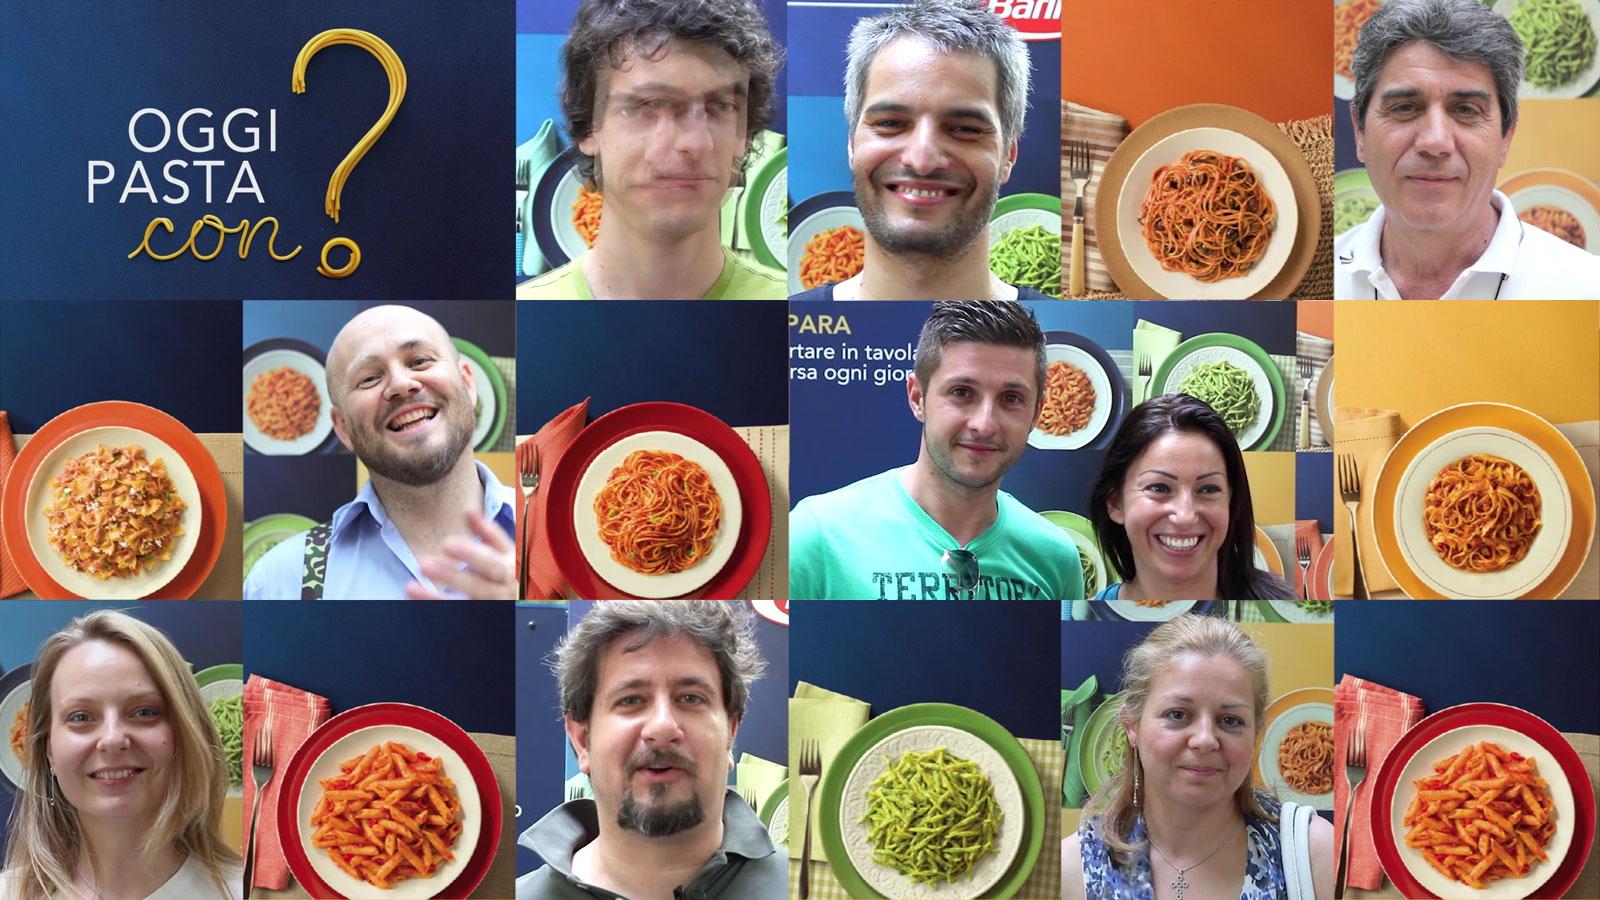 2013_BARILLA_oggi-pasta-con9